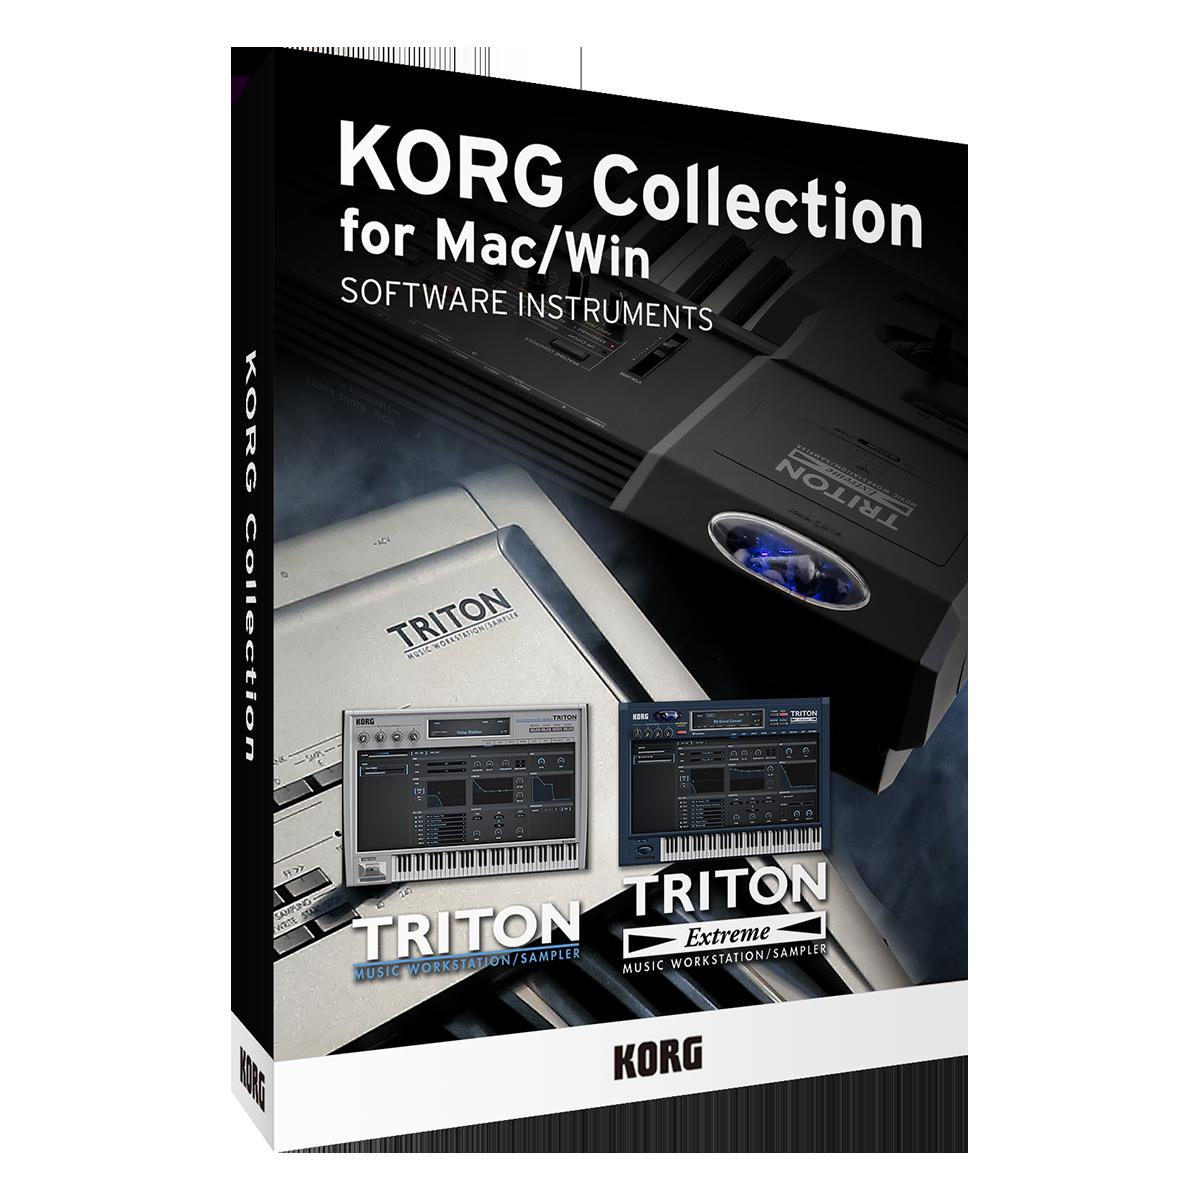 KORG Collection 3 - TRITON (TRITON Extreme)